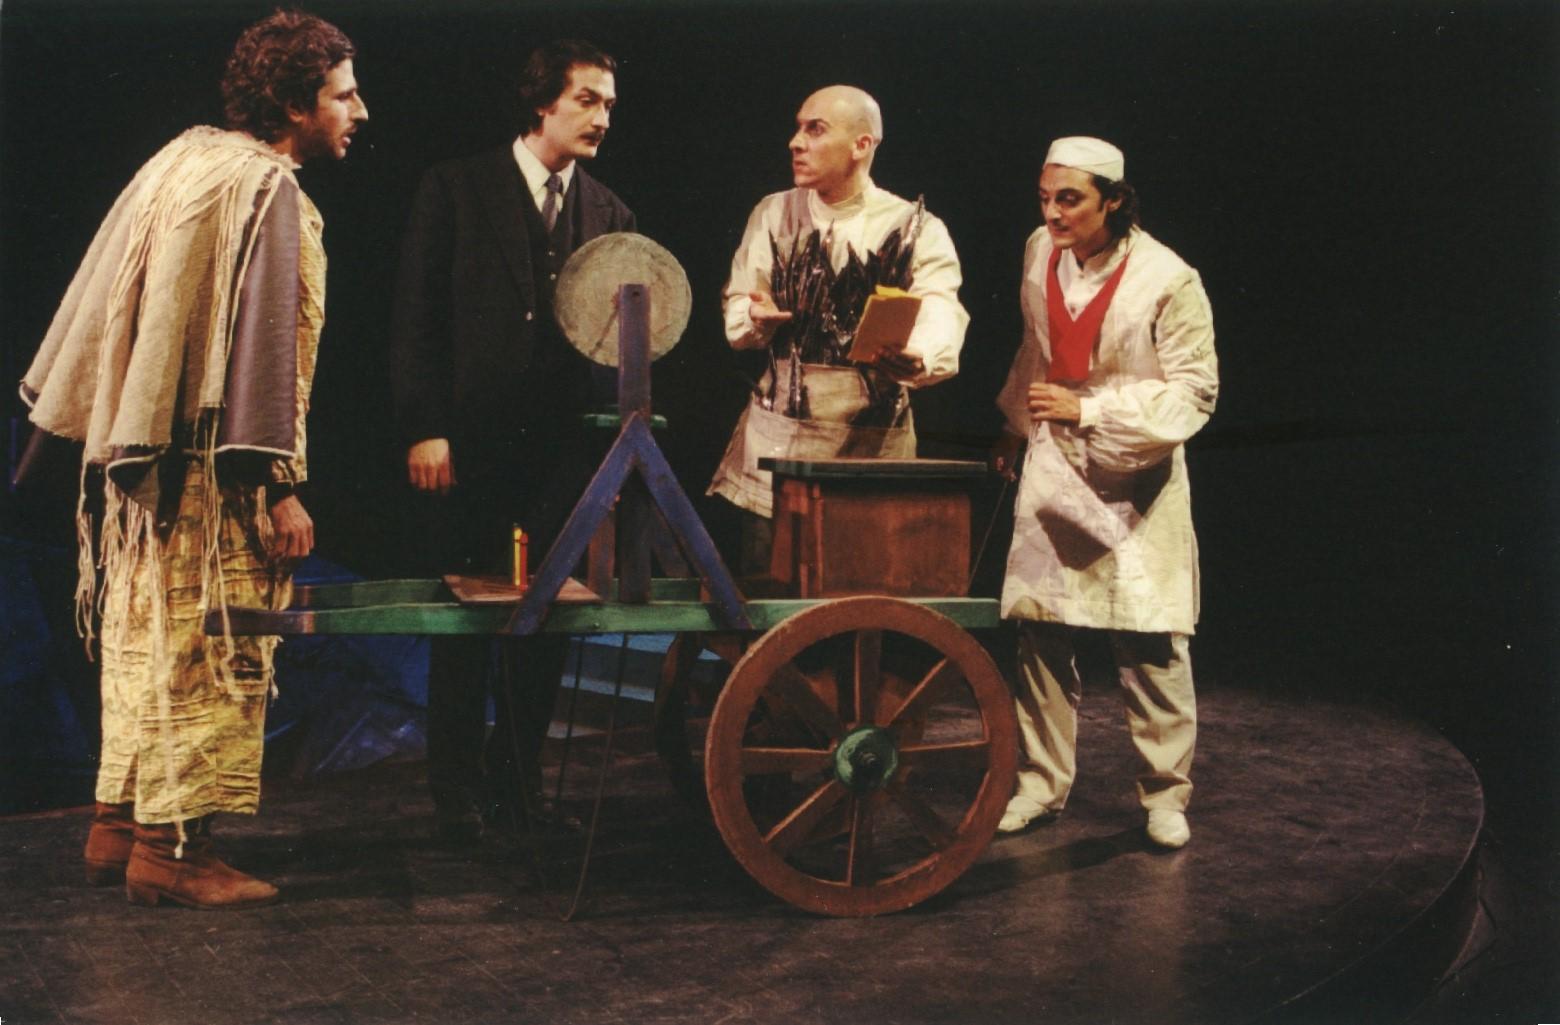 Fig. 4 Conversazione in Sicilia, regia di Gianni Salvo (2001)